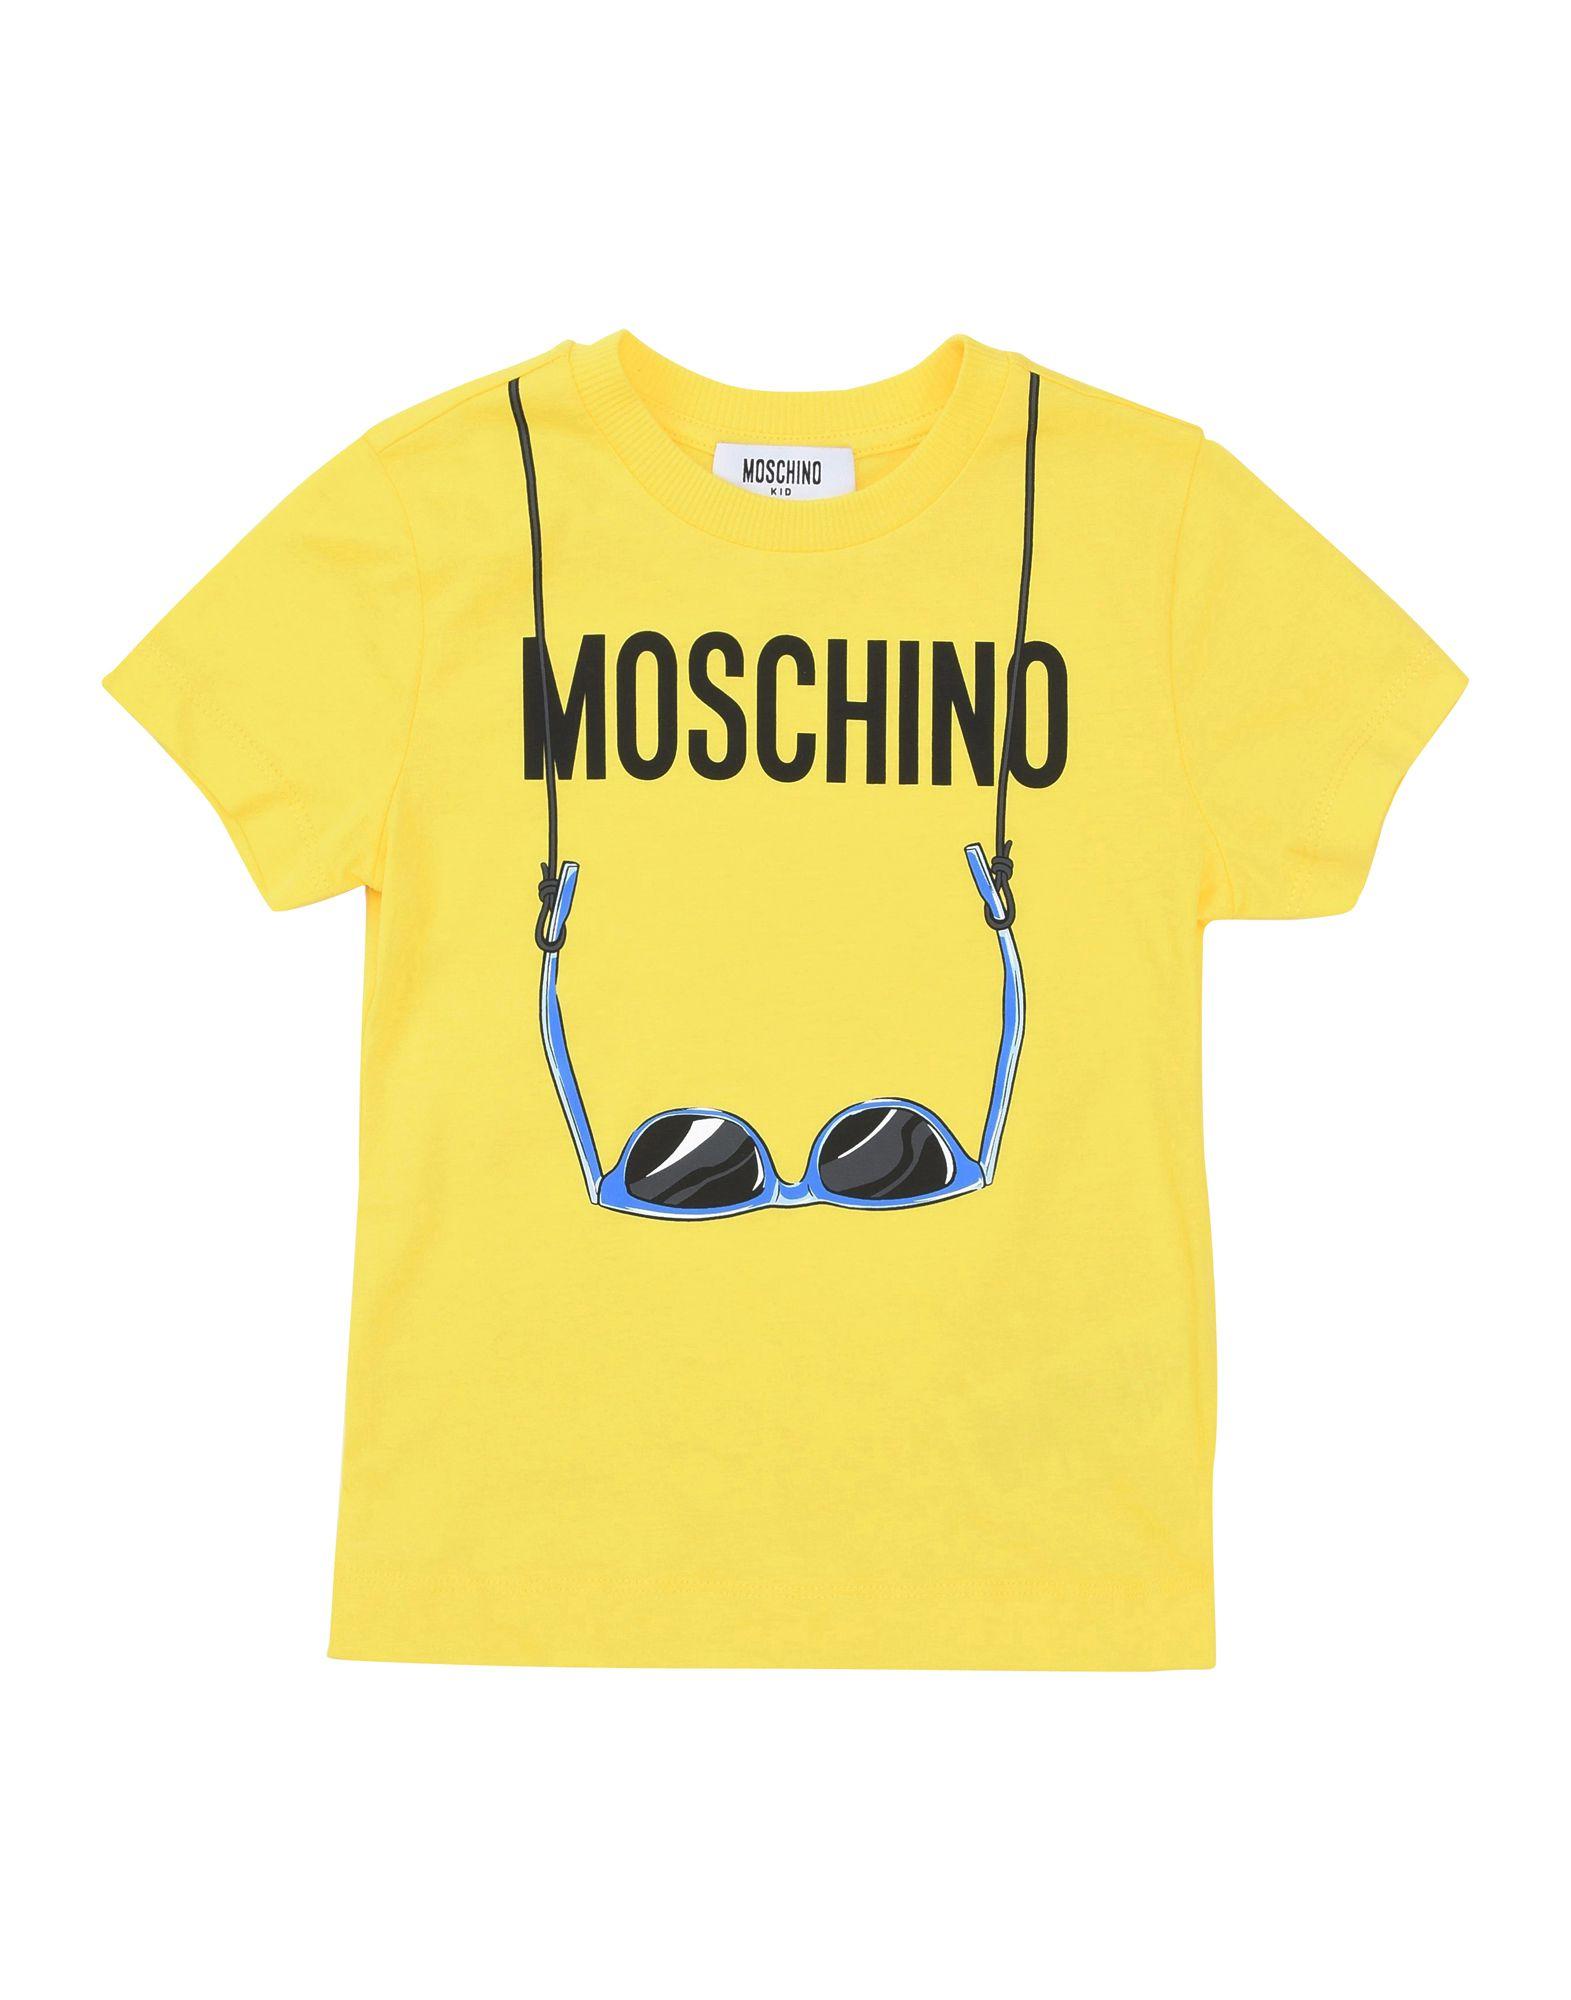 MOSCHINO KID Jungen 3-8 jahre T-shirts Farbe Gelb Größe 6